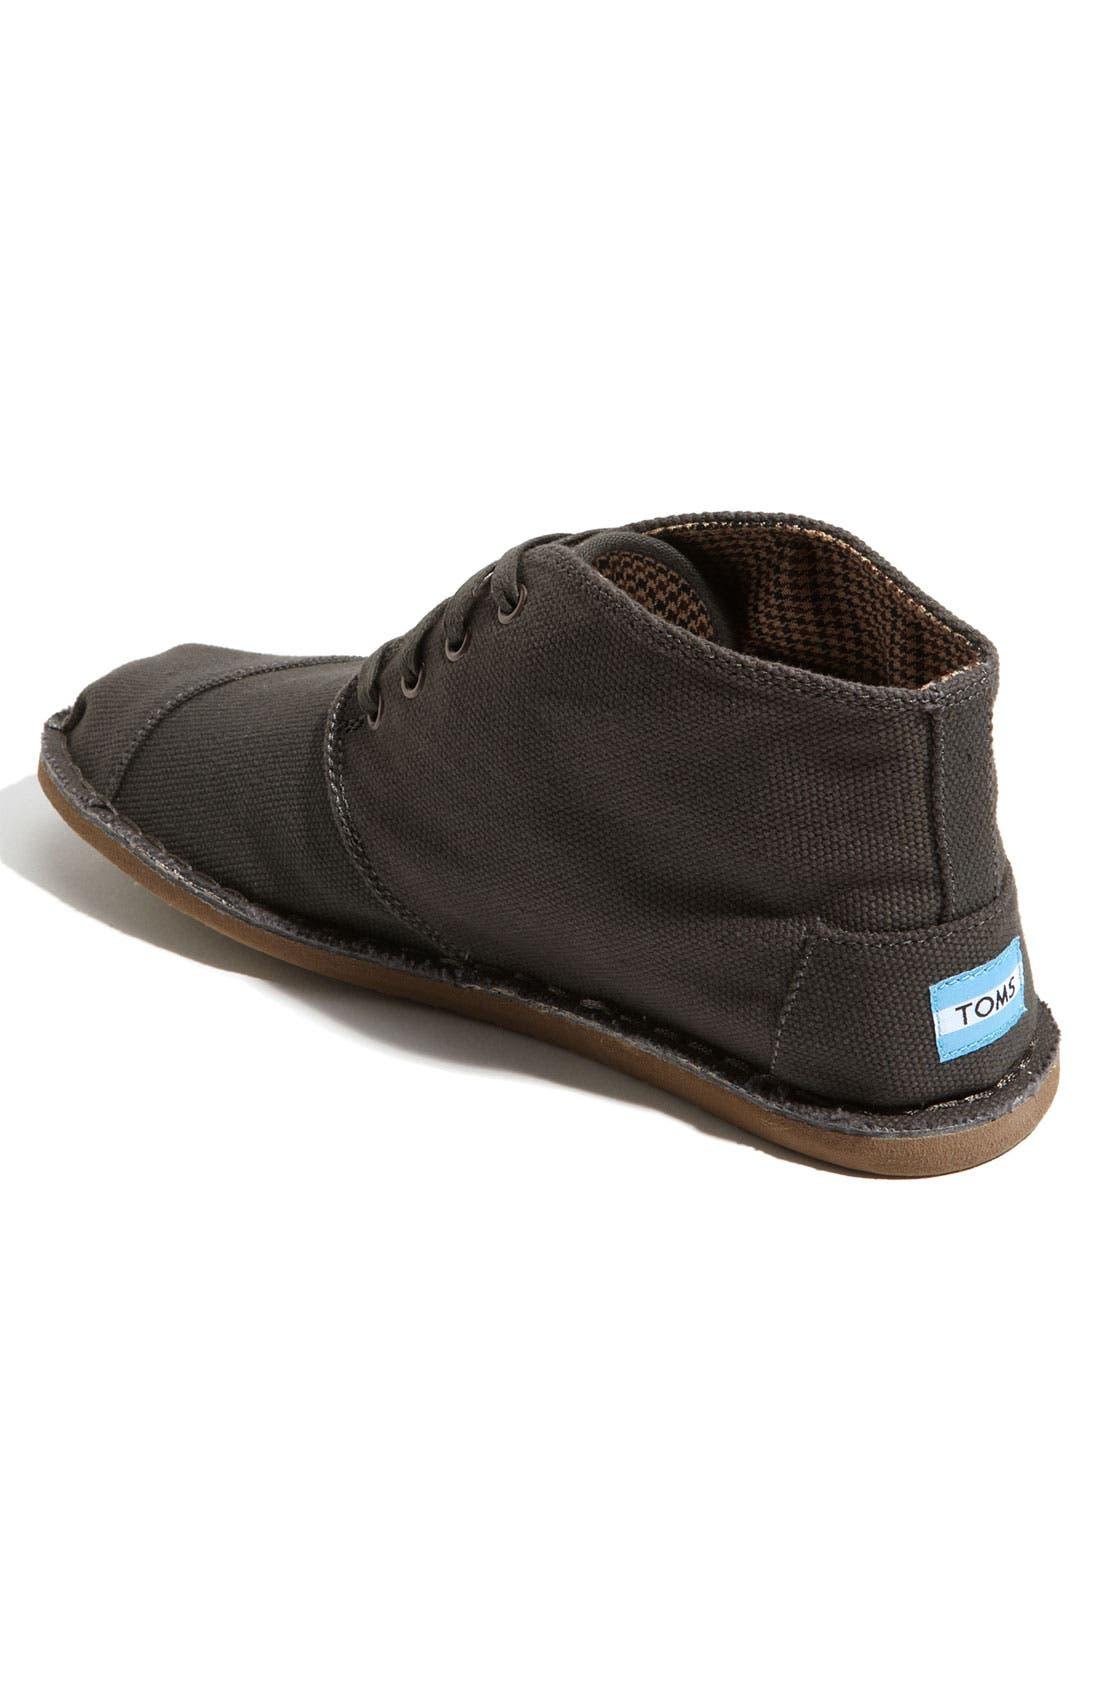 Alternate Image 2  - TOMS 'Botas - Desert' Chukka Boot (Men)